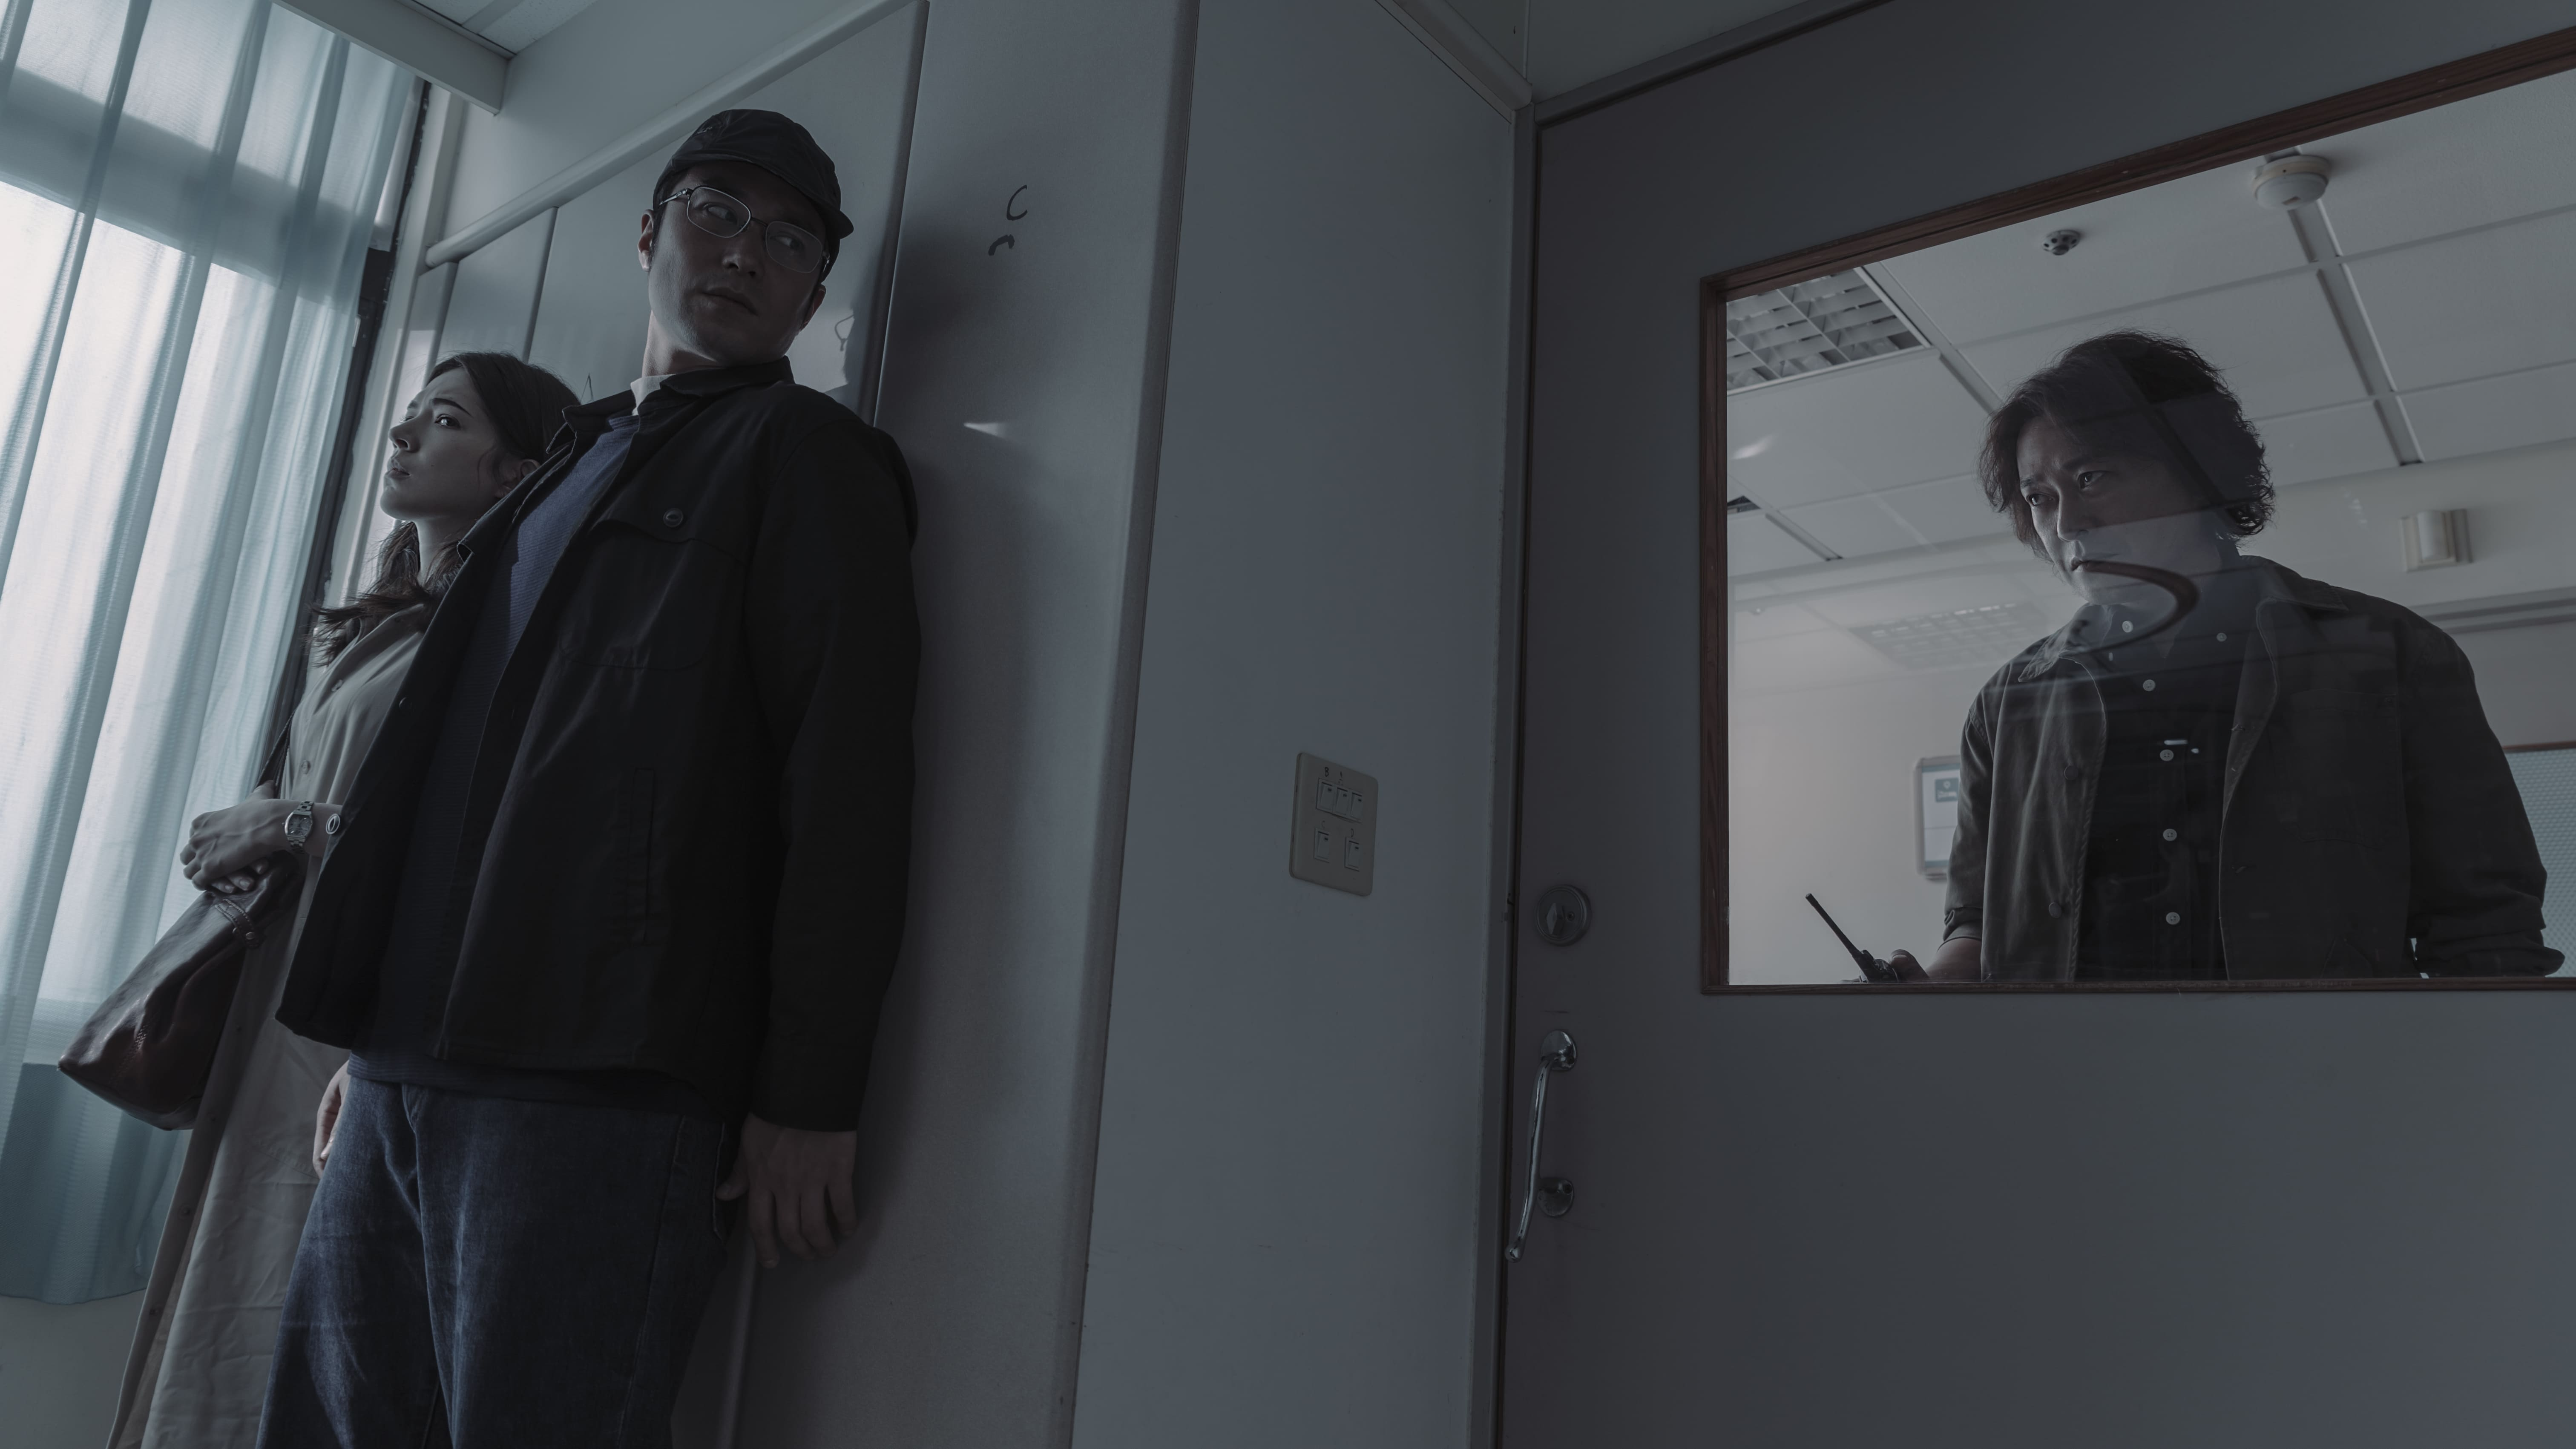 張孝全與許瑋甯在劇中組成另類拍檔,兩人背著刑警隊長王識賢秘密追查案情,過程險曝光行蹤